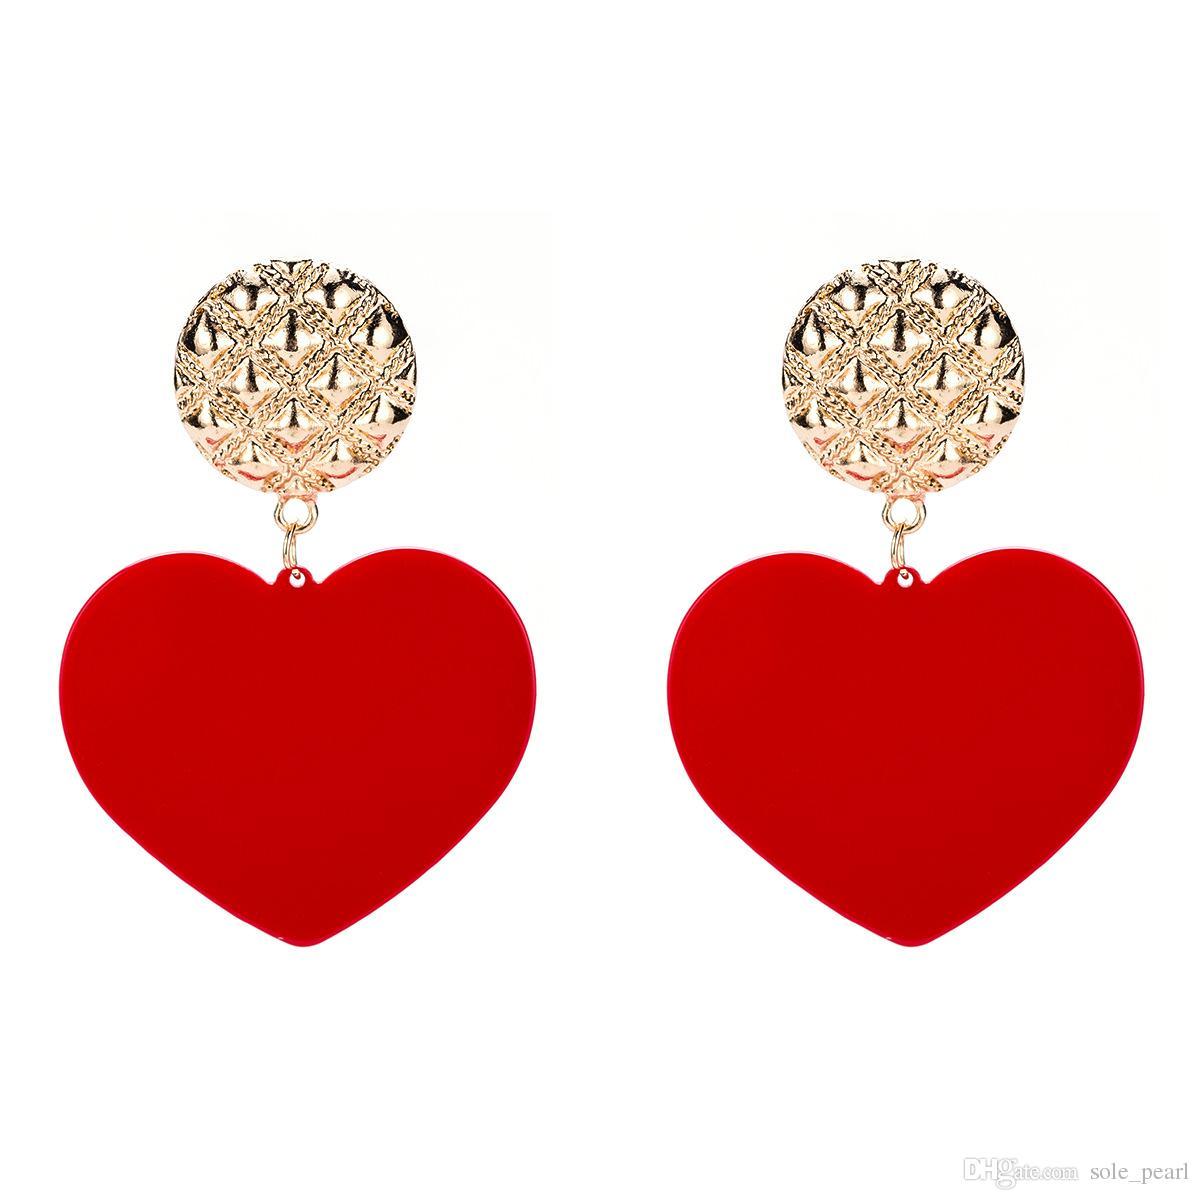 Conseil boucles d'oreilles pour les femmes de luxe Boho personnalité Multicouche Dangle boucles d'oreilles en forme de coeur Ethnique Vintage géométrique mode bijoux 2018